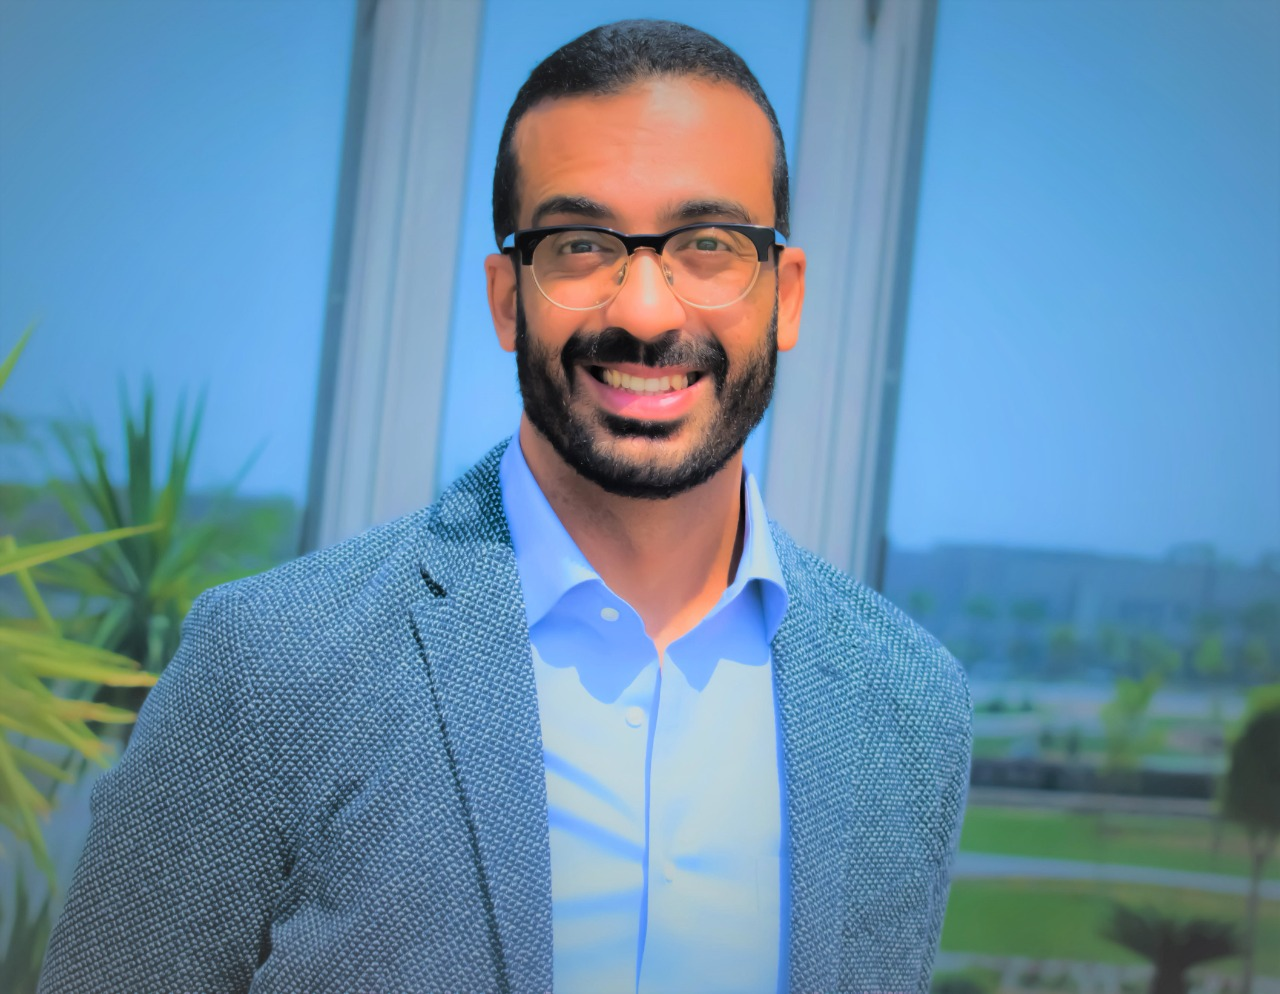 أستاذ بمدينة زويل عضوًا باللجنة التنفيذية لأكاديمية الشباب العالميةGYA